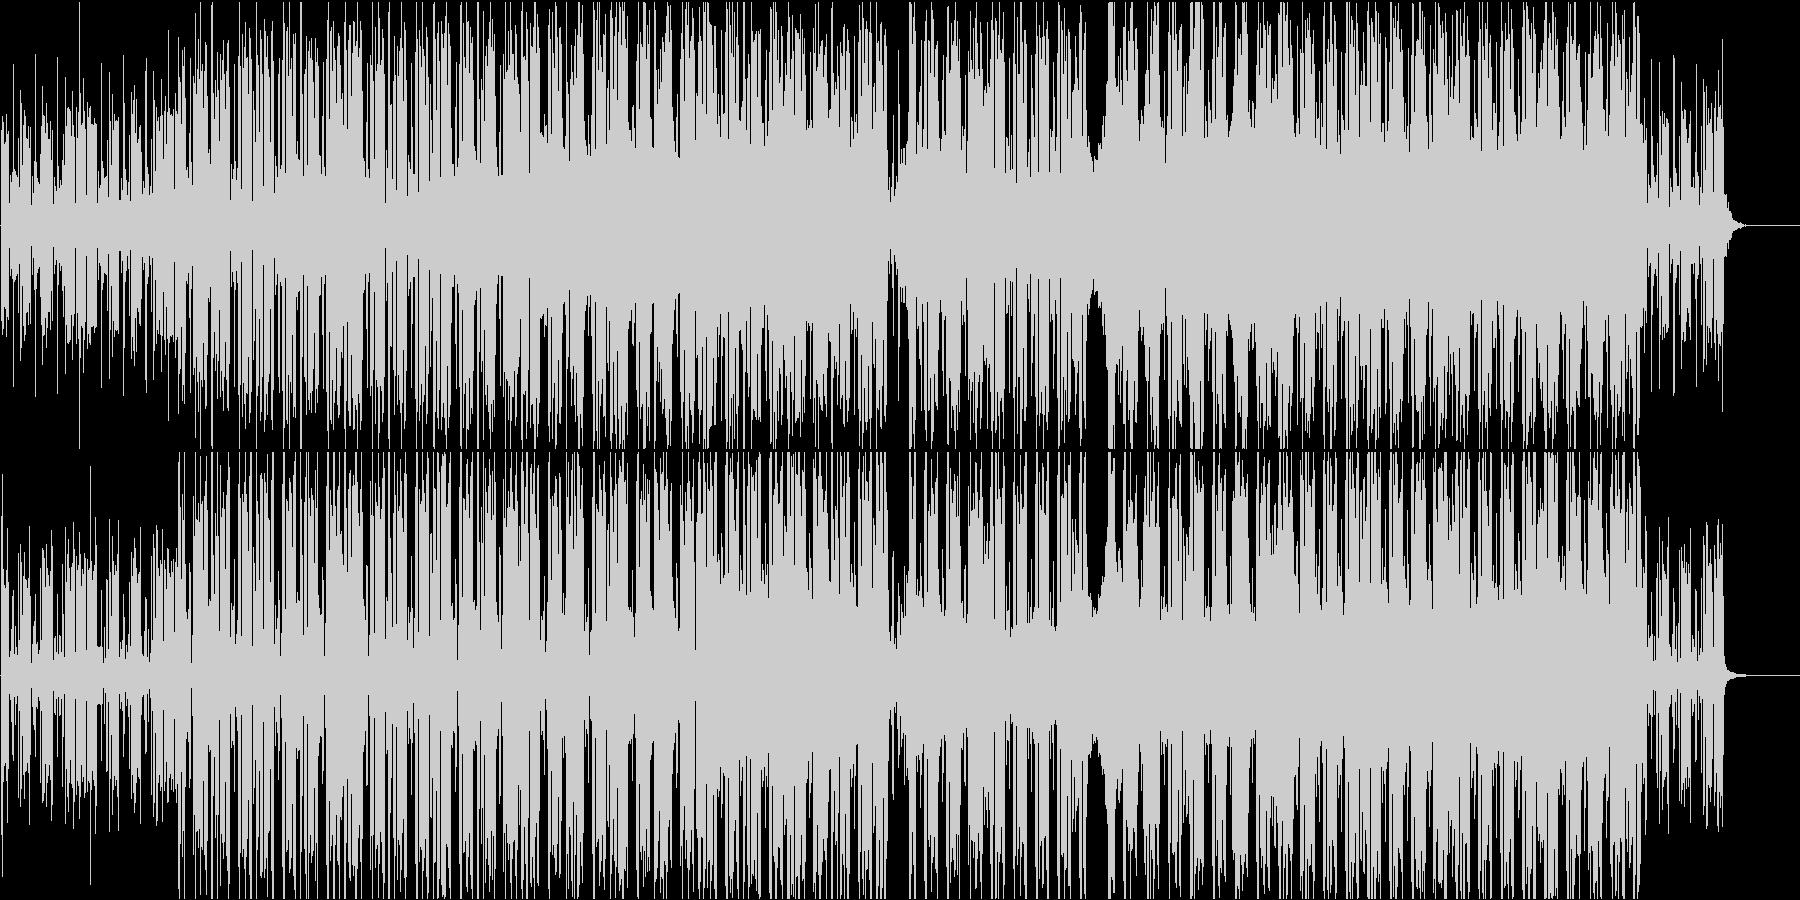 和風祭り風のメロディを持ったヒップホップの未再生の波形